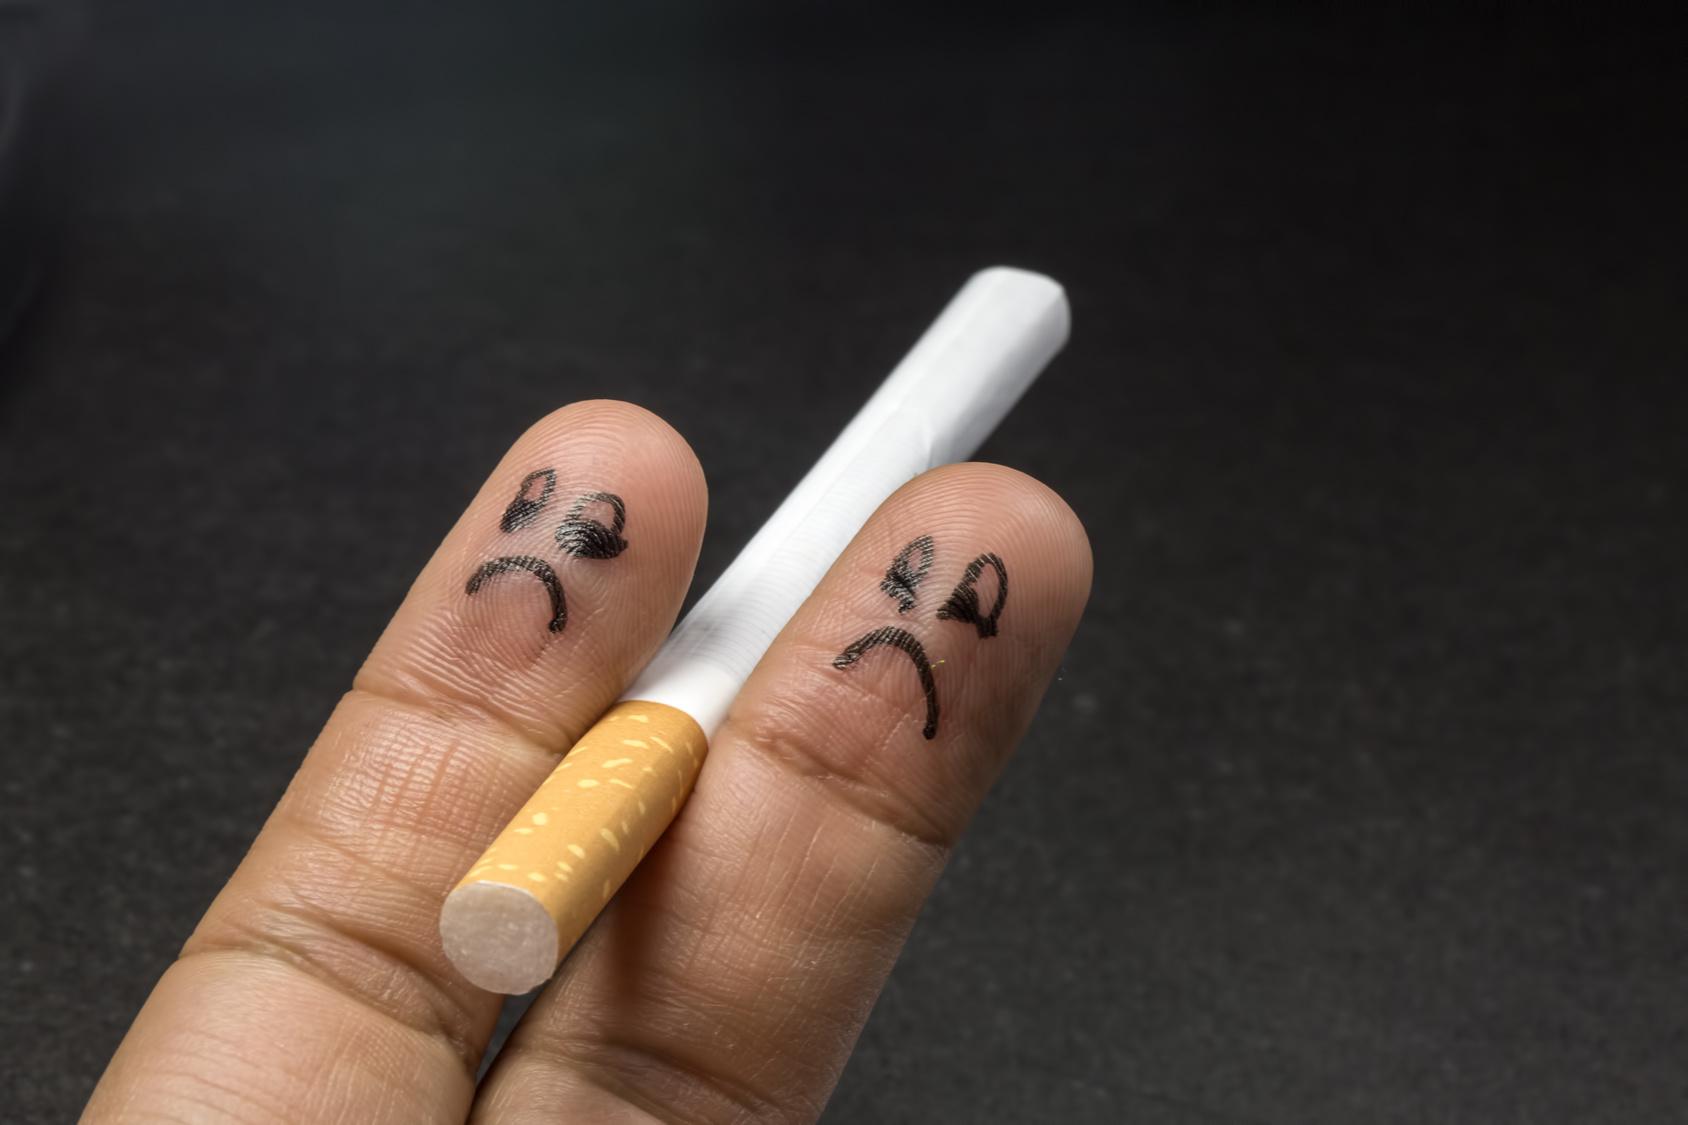 Bild zeigt Zigarette und Notwendigkeit von Gesundheitsförderung durch Suchtprävention